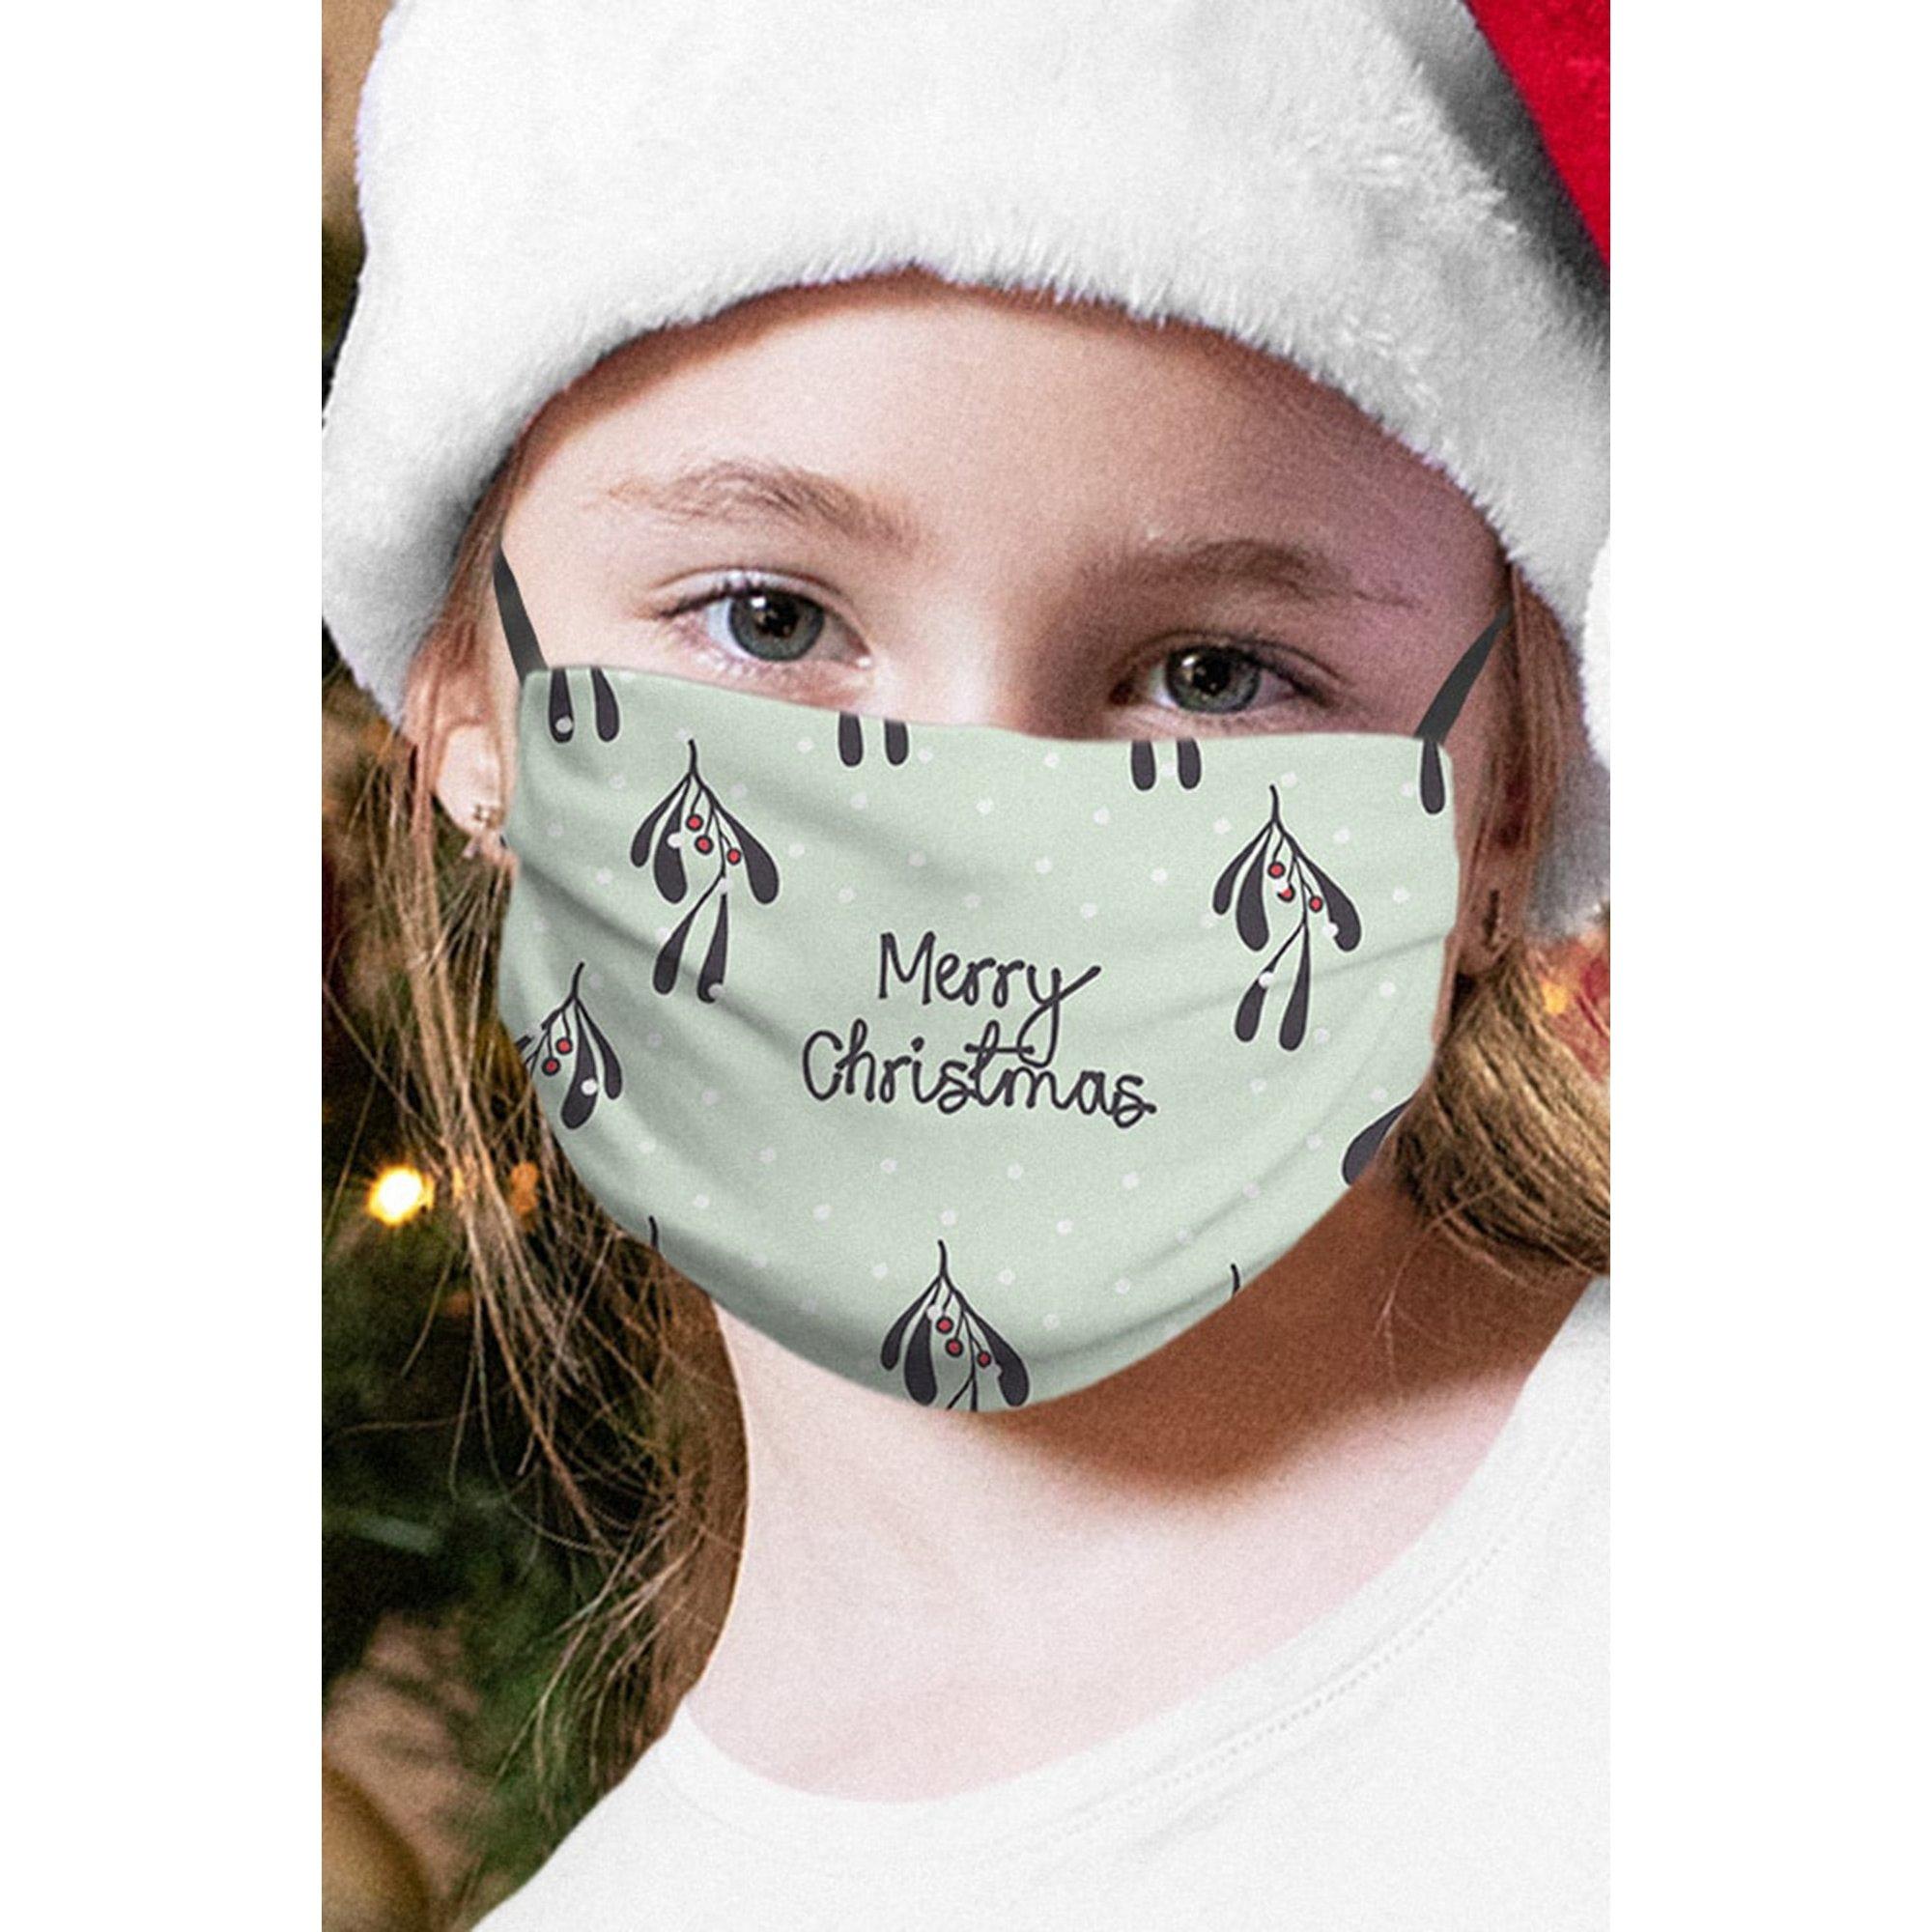 Image of Personalised Childs Face Mask Christmas Mistletoe